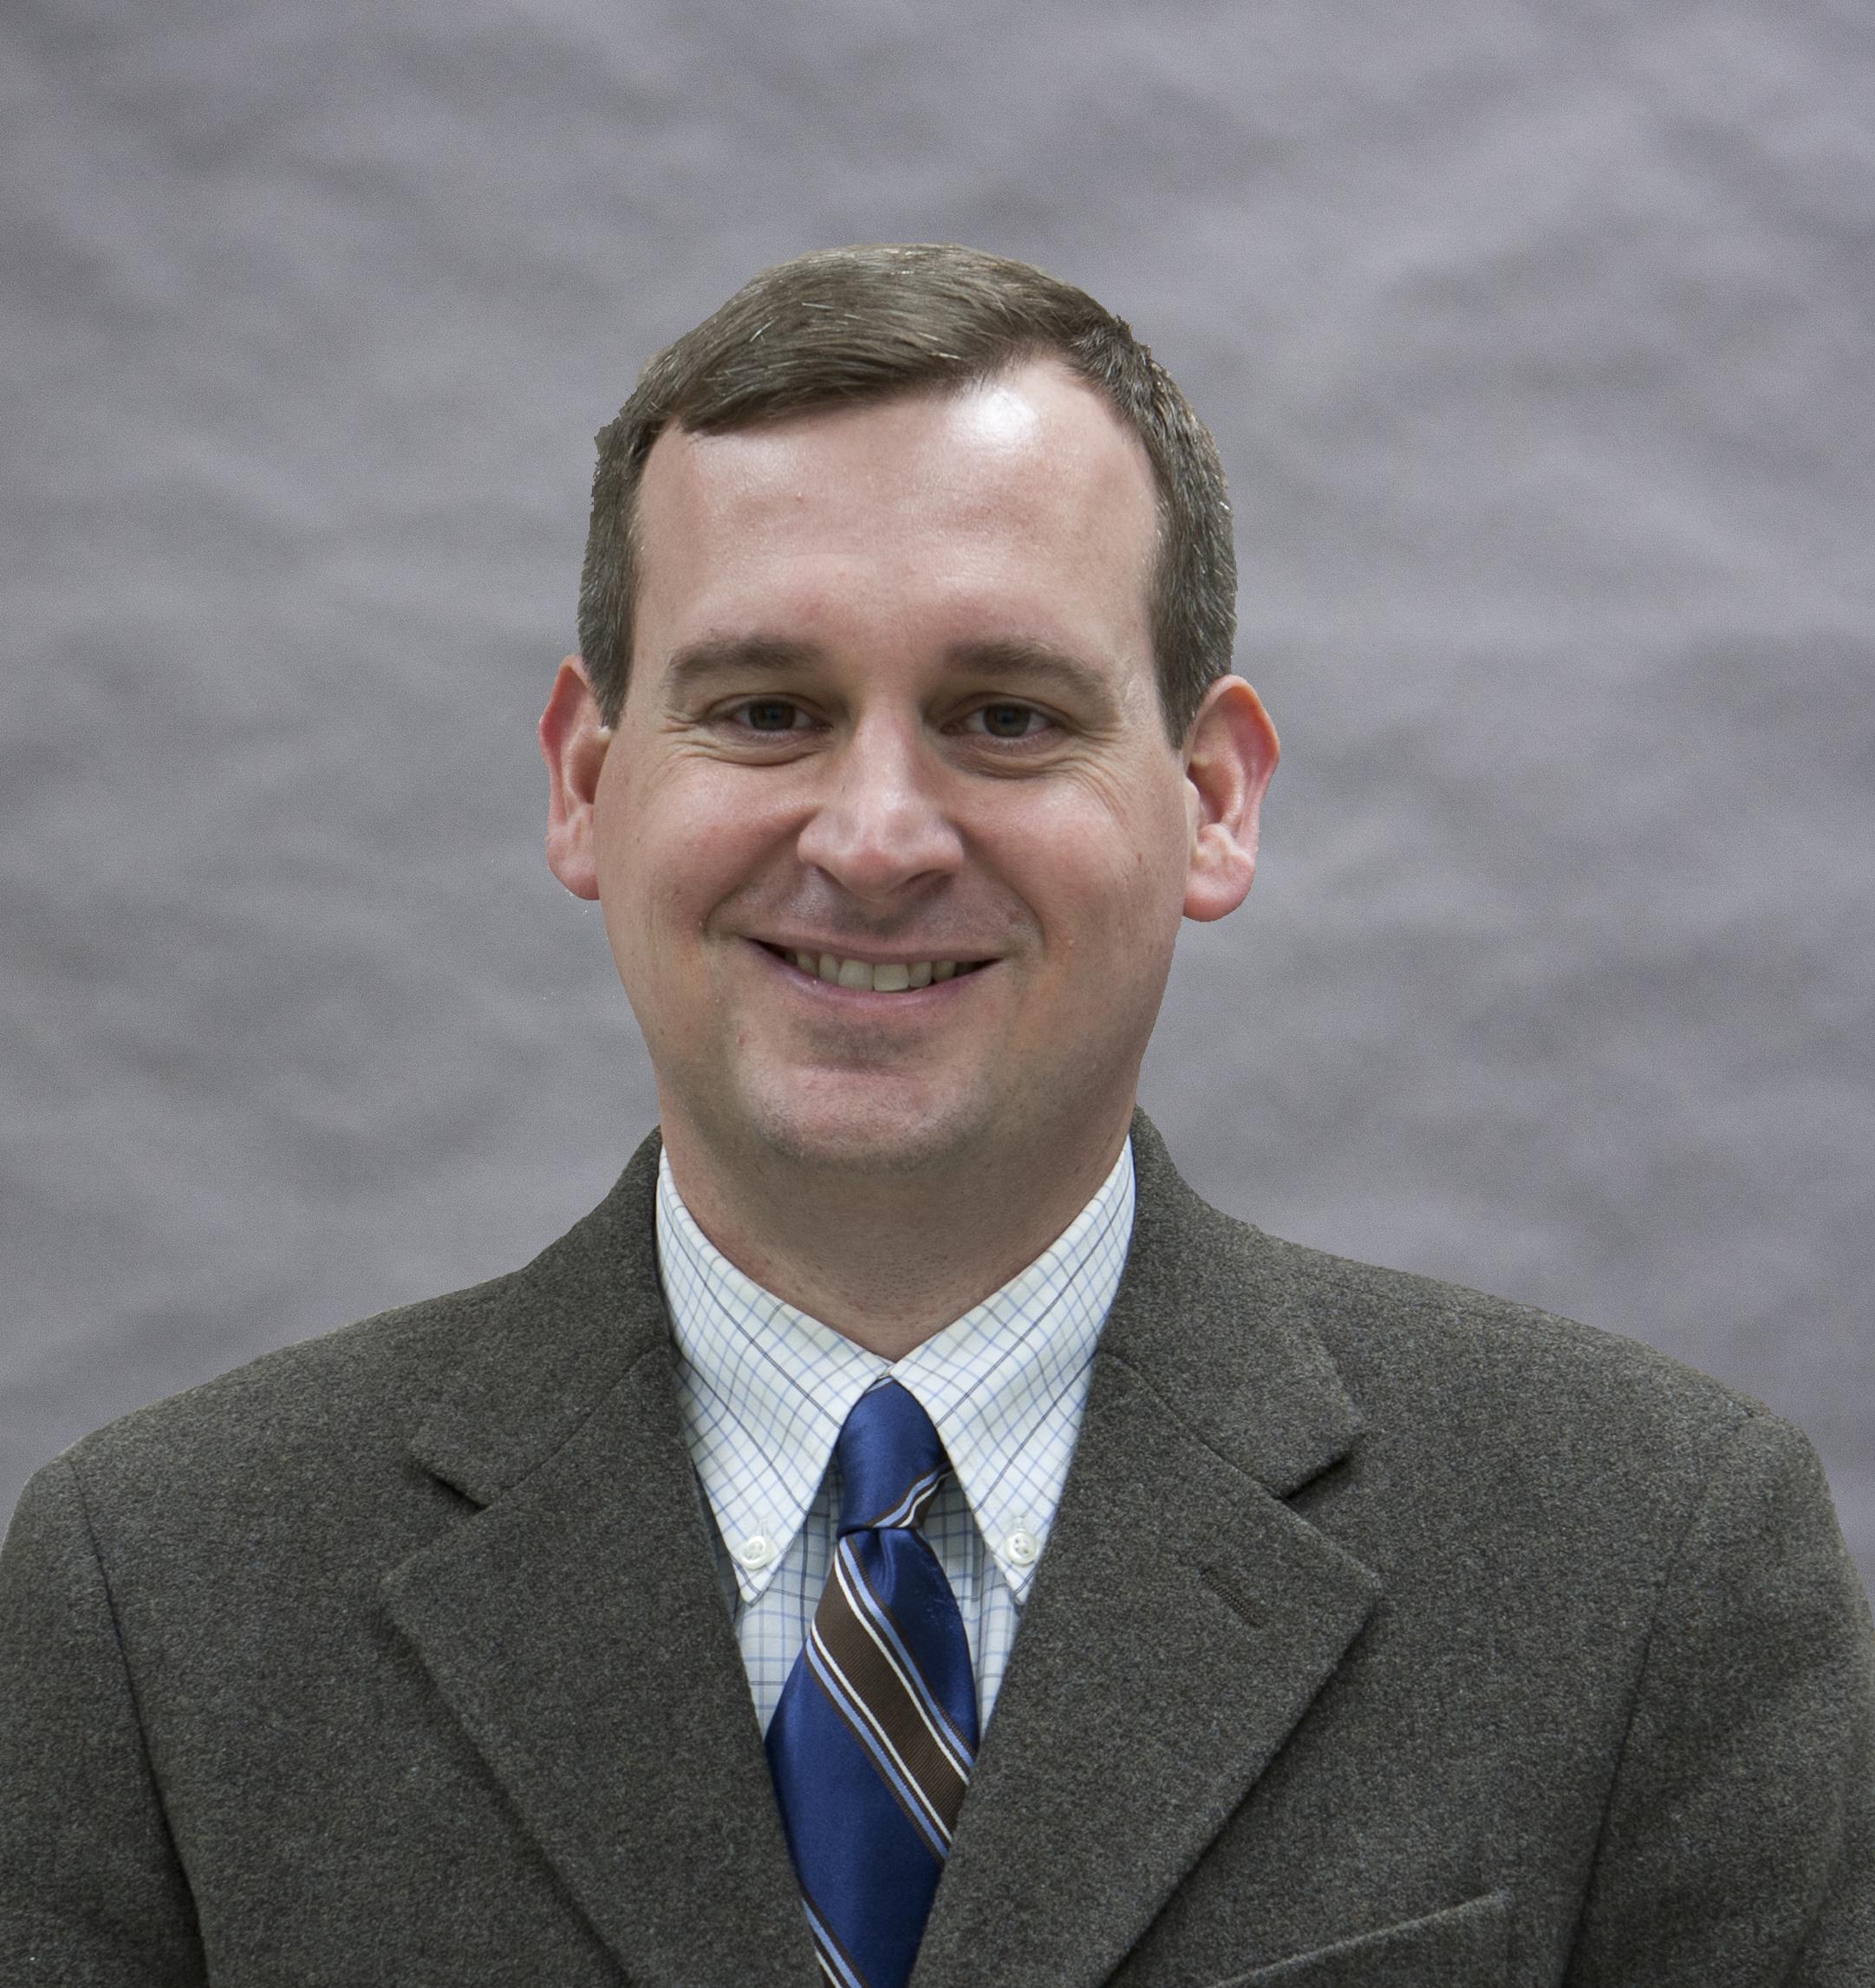 Dr. Anthony Pease   DVM, MS, DACVR